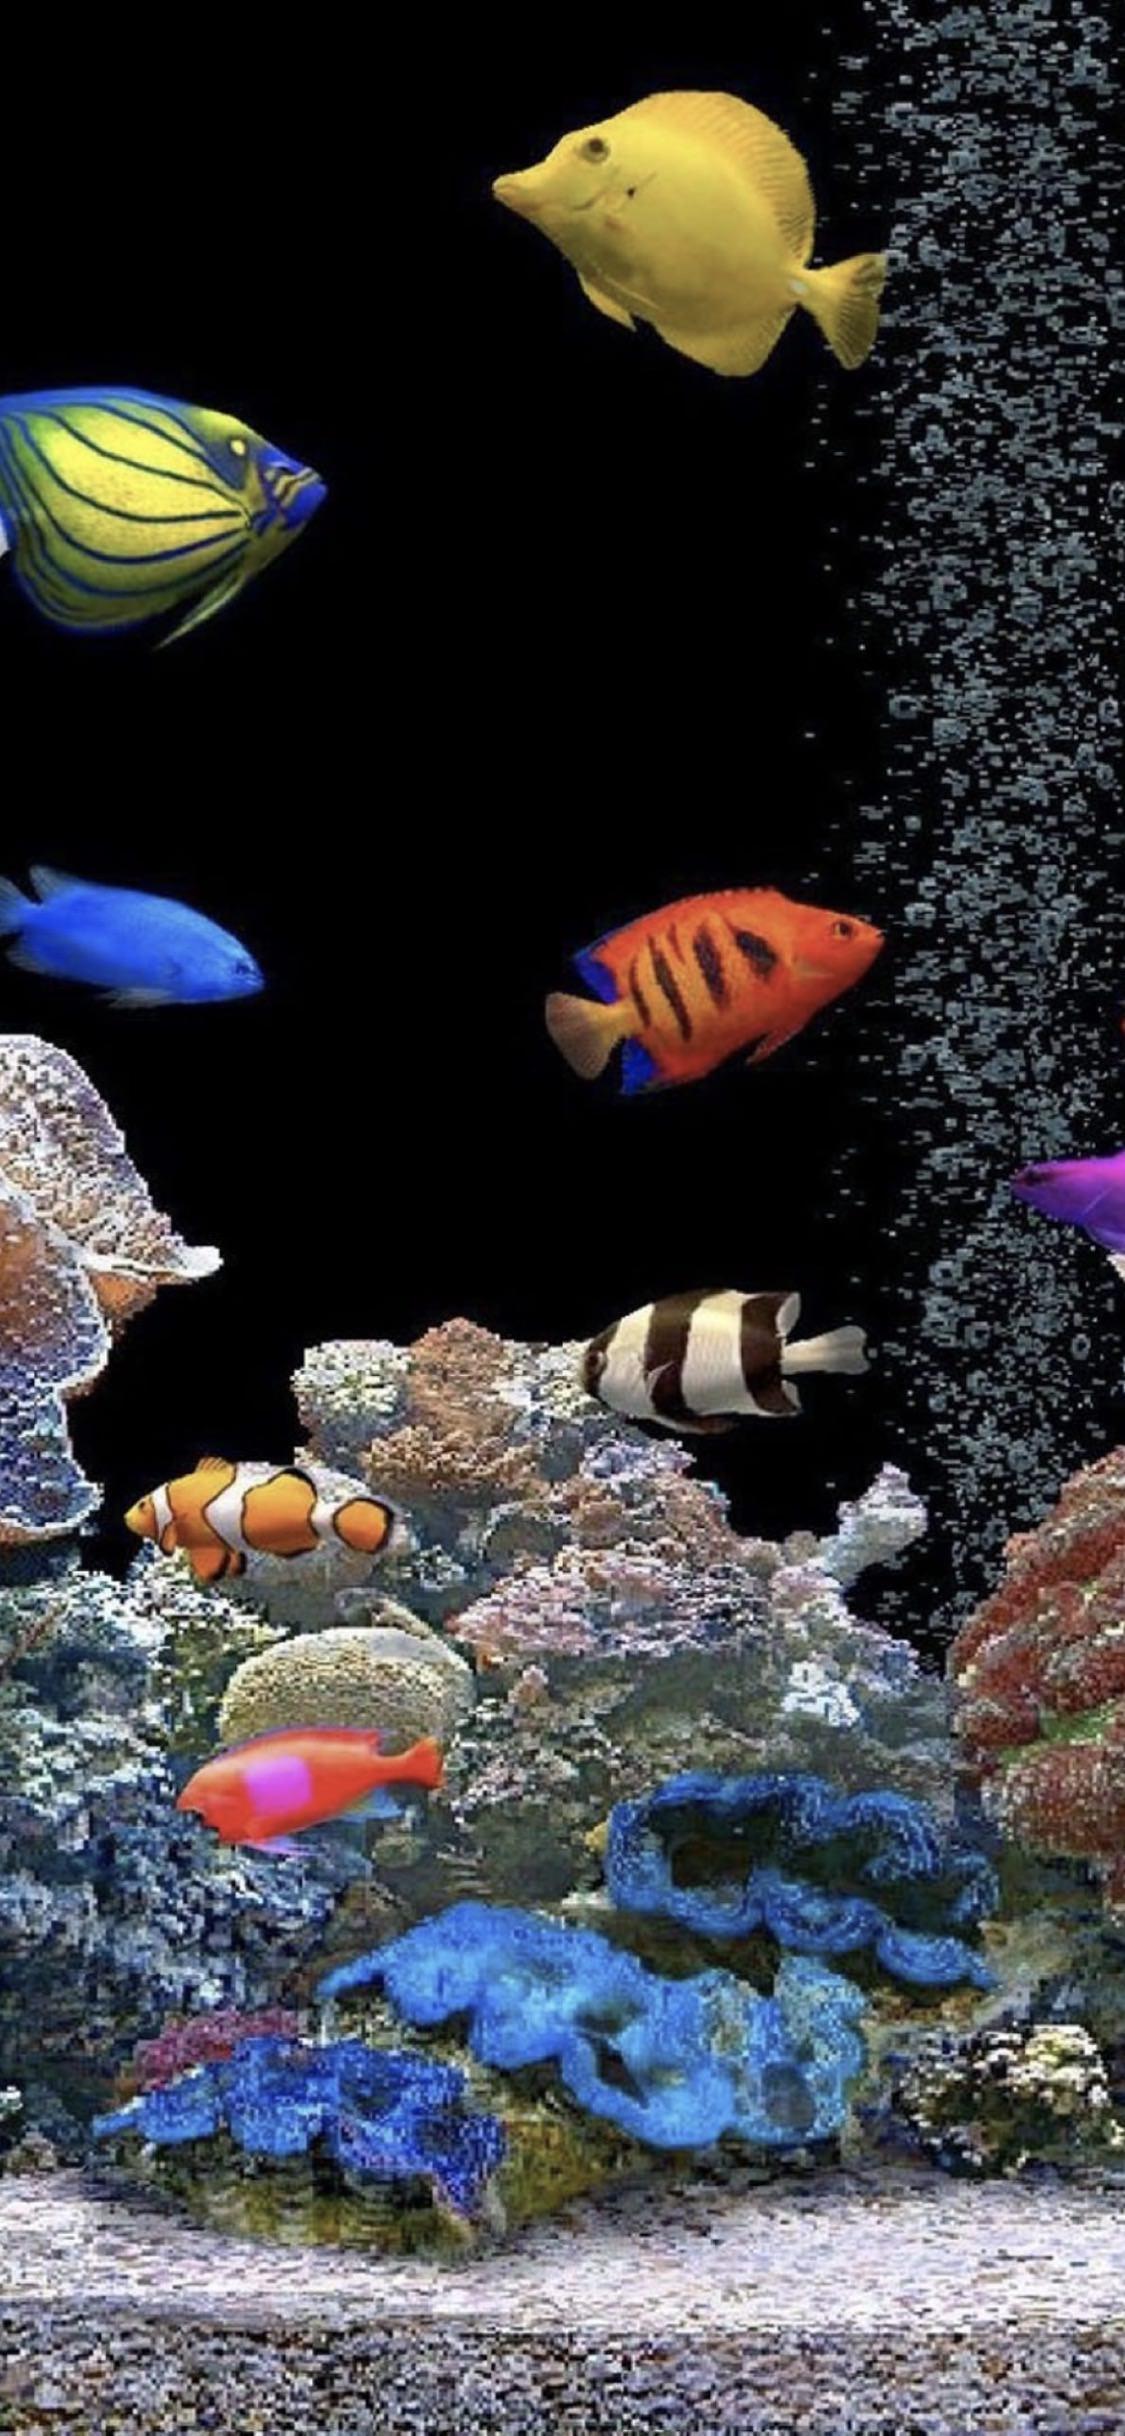 Aquarium Tank Colorful Wallpaper Sc Iphonexs